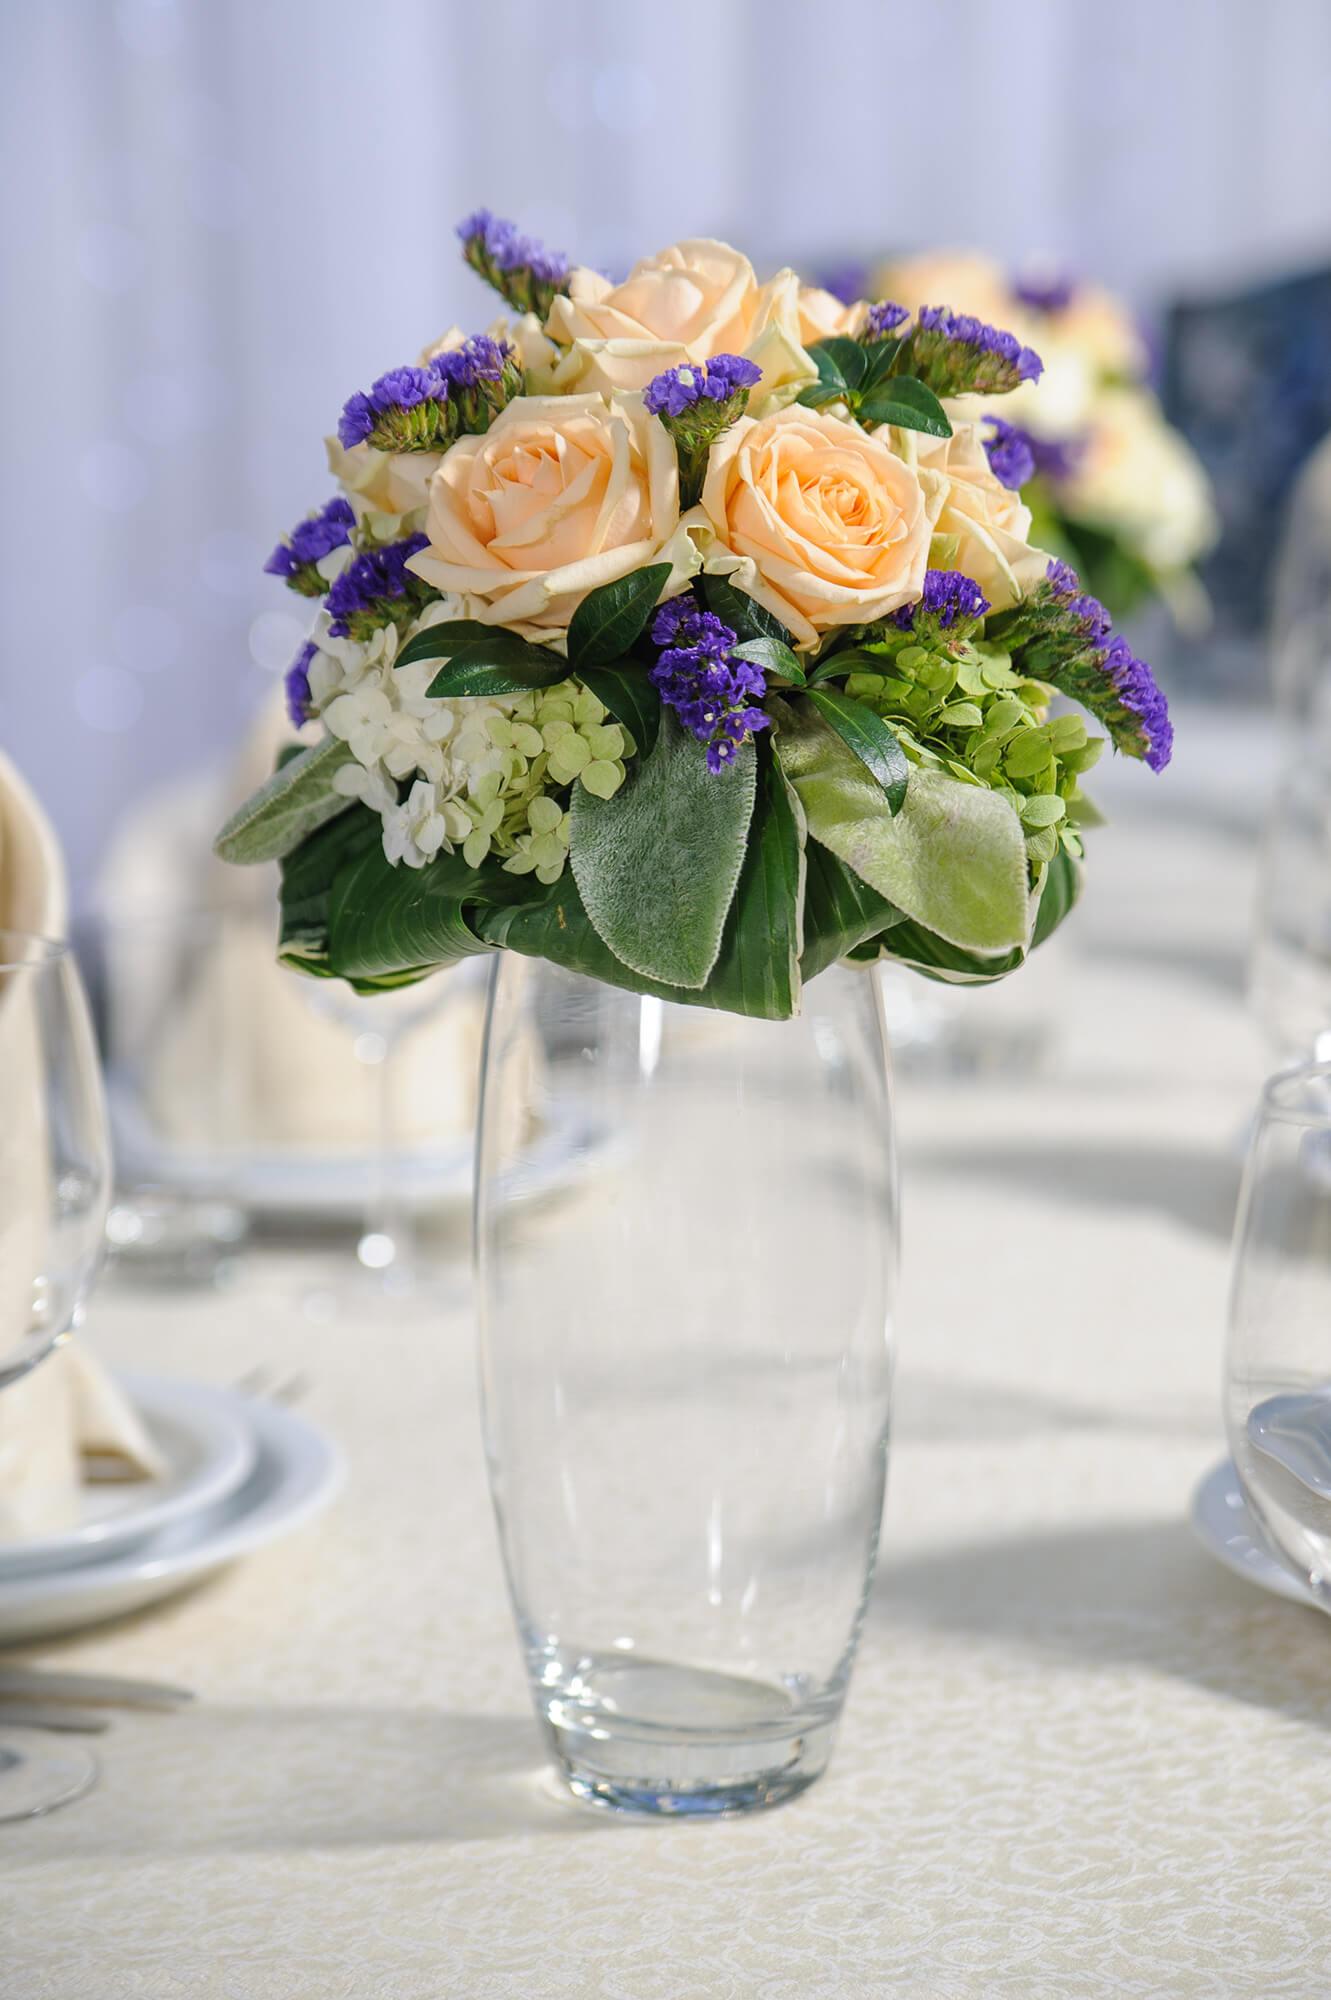 Букет жемчужина, свадебный букет на столе